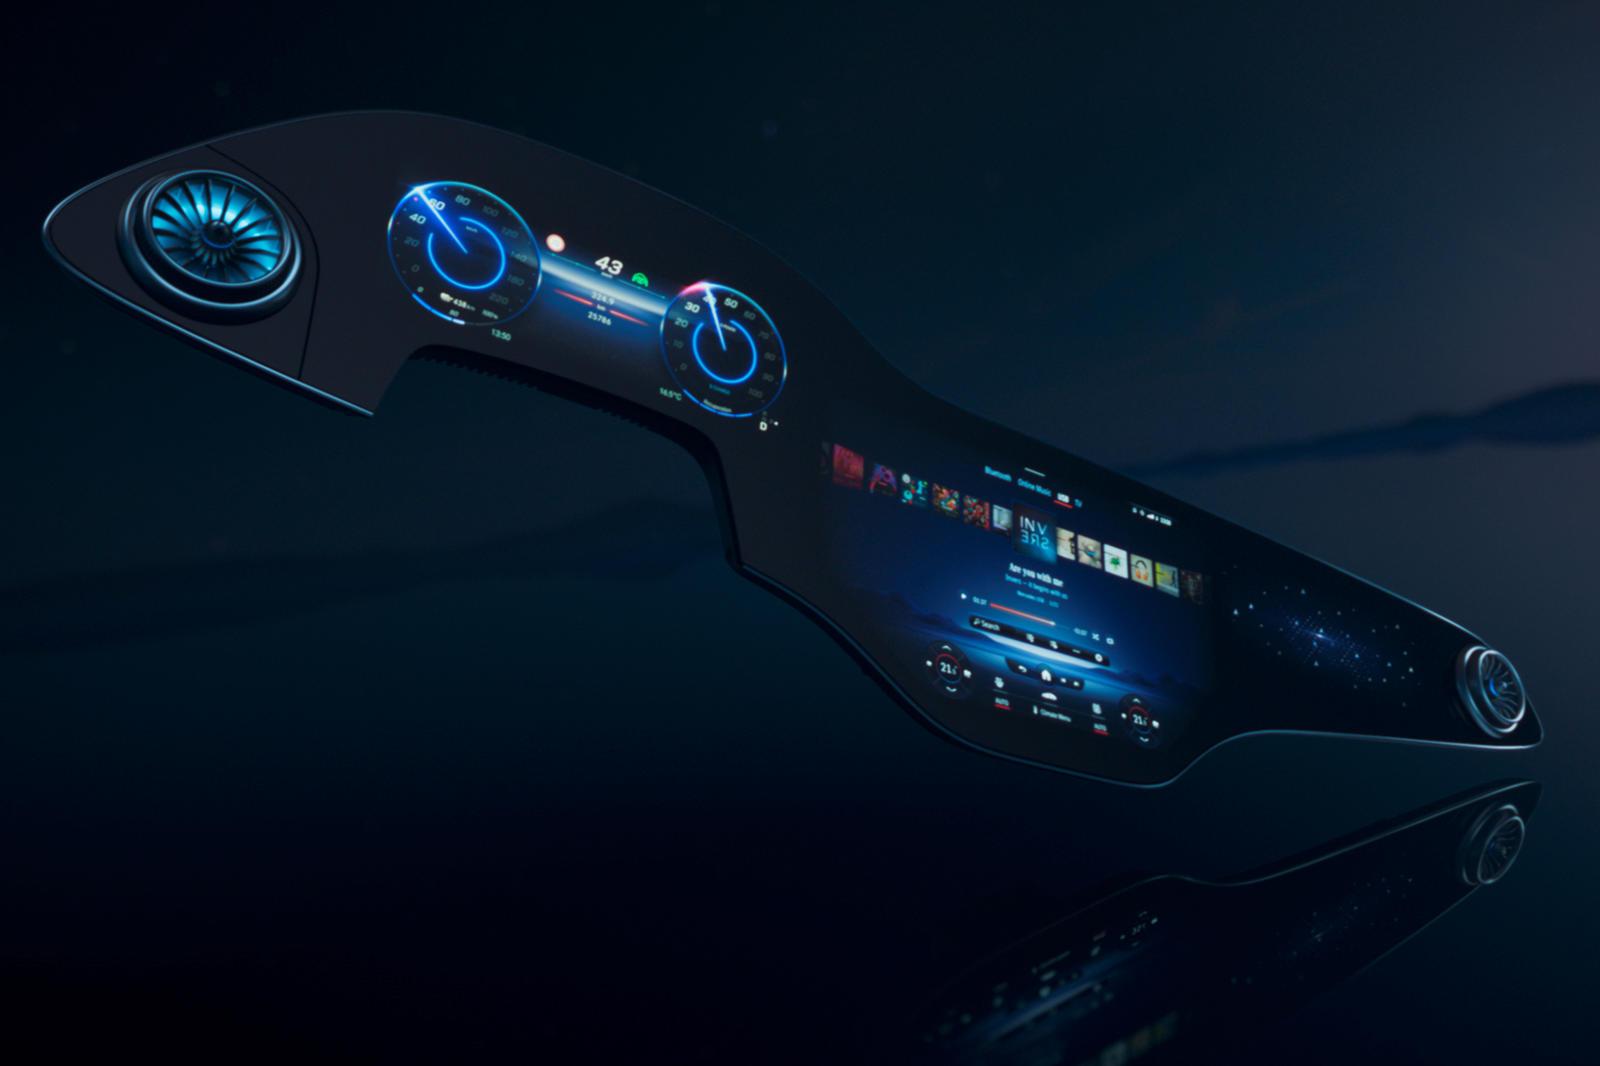 Mercedes-Benz vén màn hệ thống giải trí MBUX thế hệ mới, kích thước và công nghệ tích hợp là điểm nhấn -1